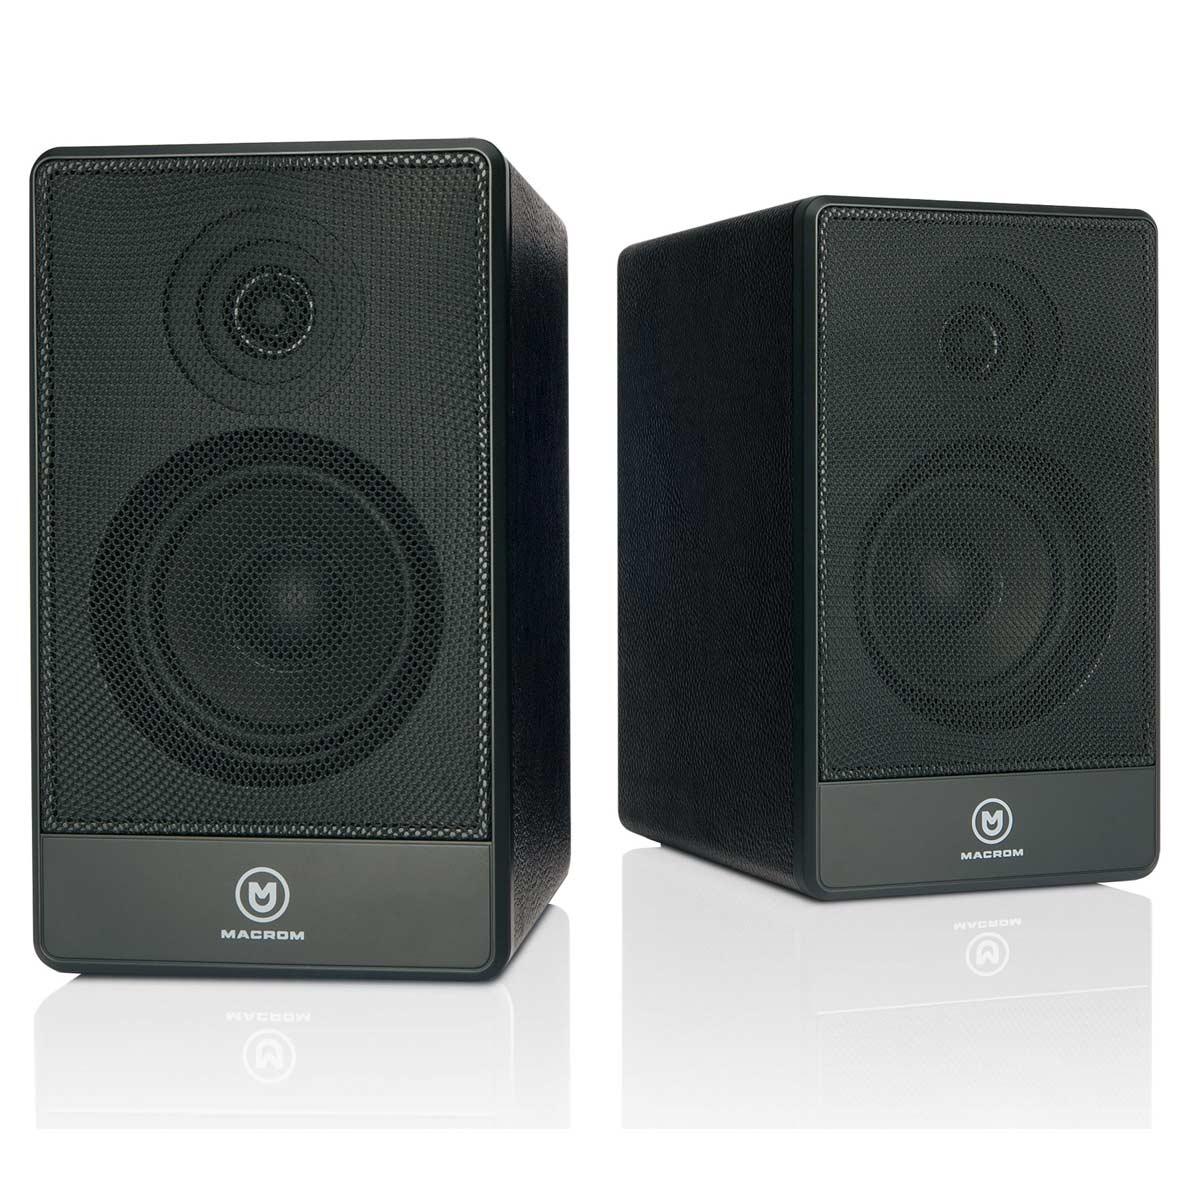 Macrom M-BTS50 trådløse høyttalere, sort